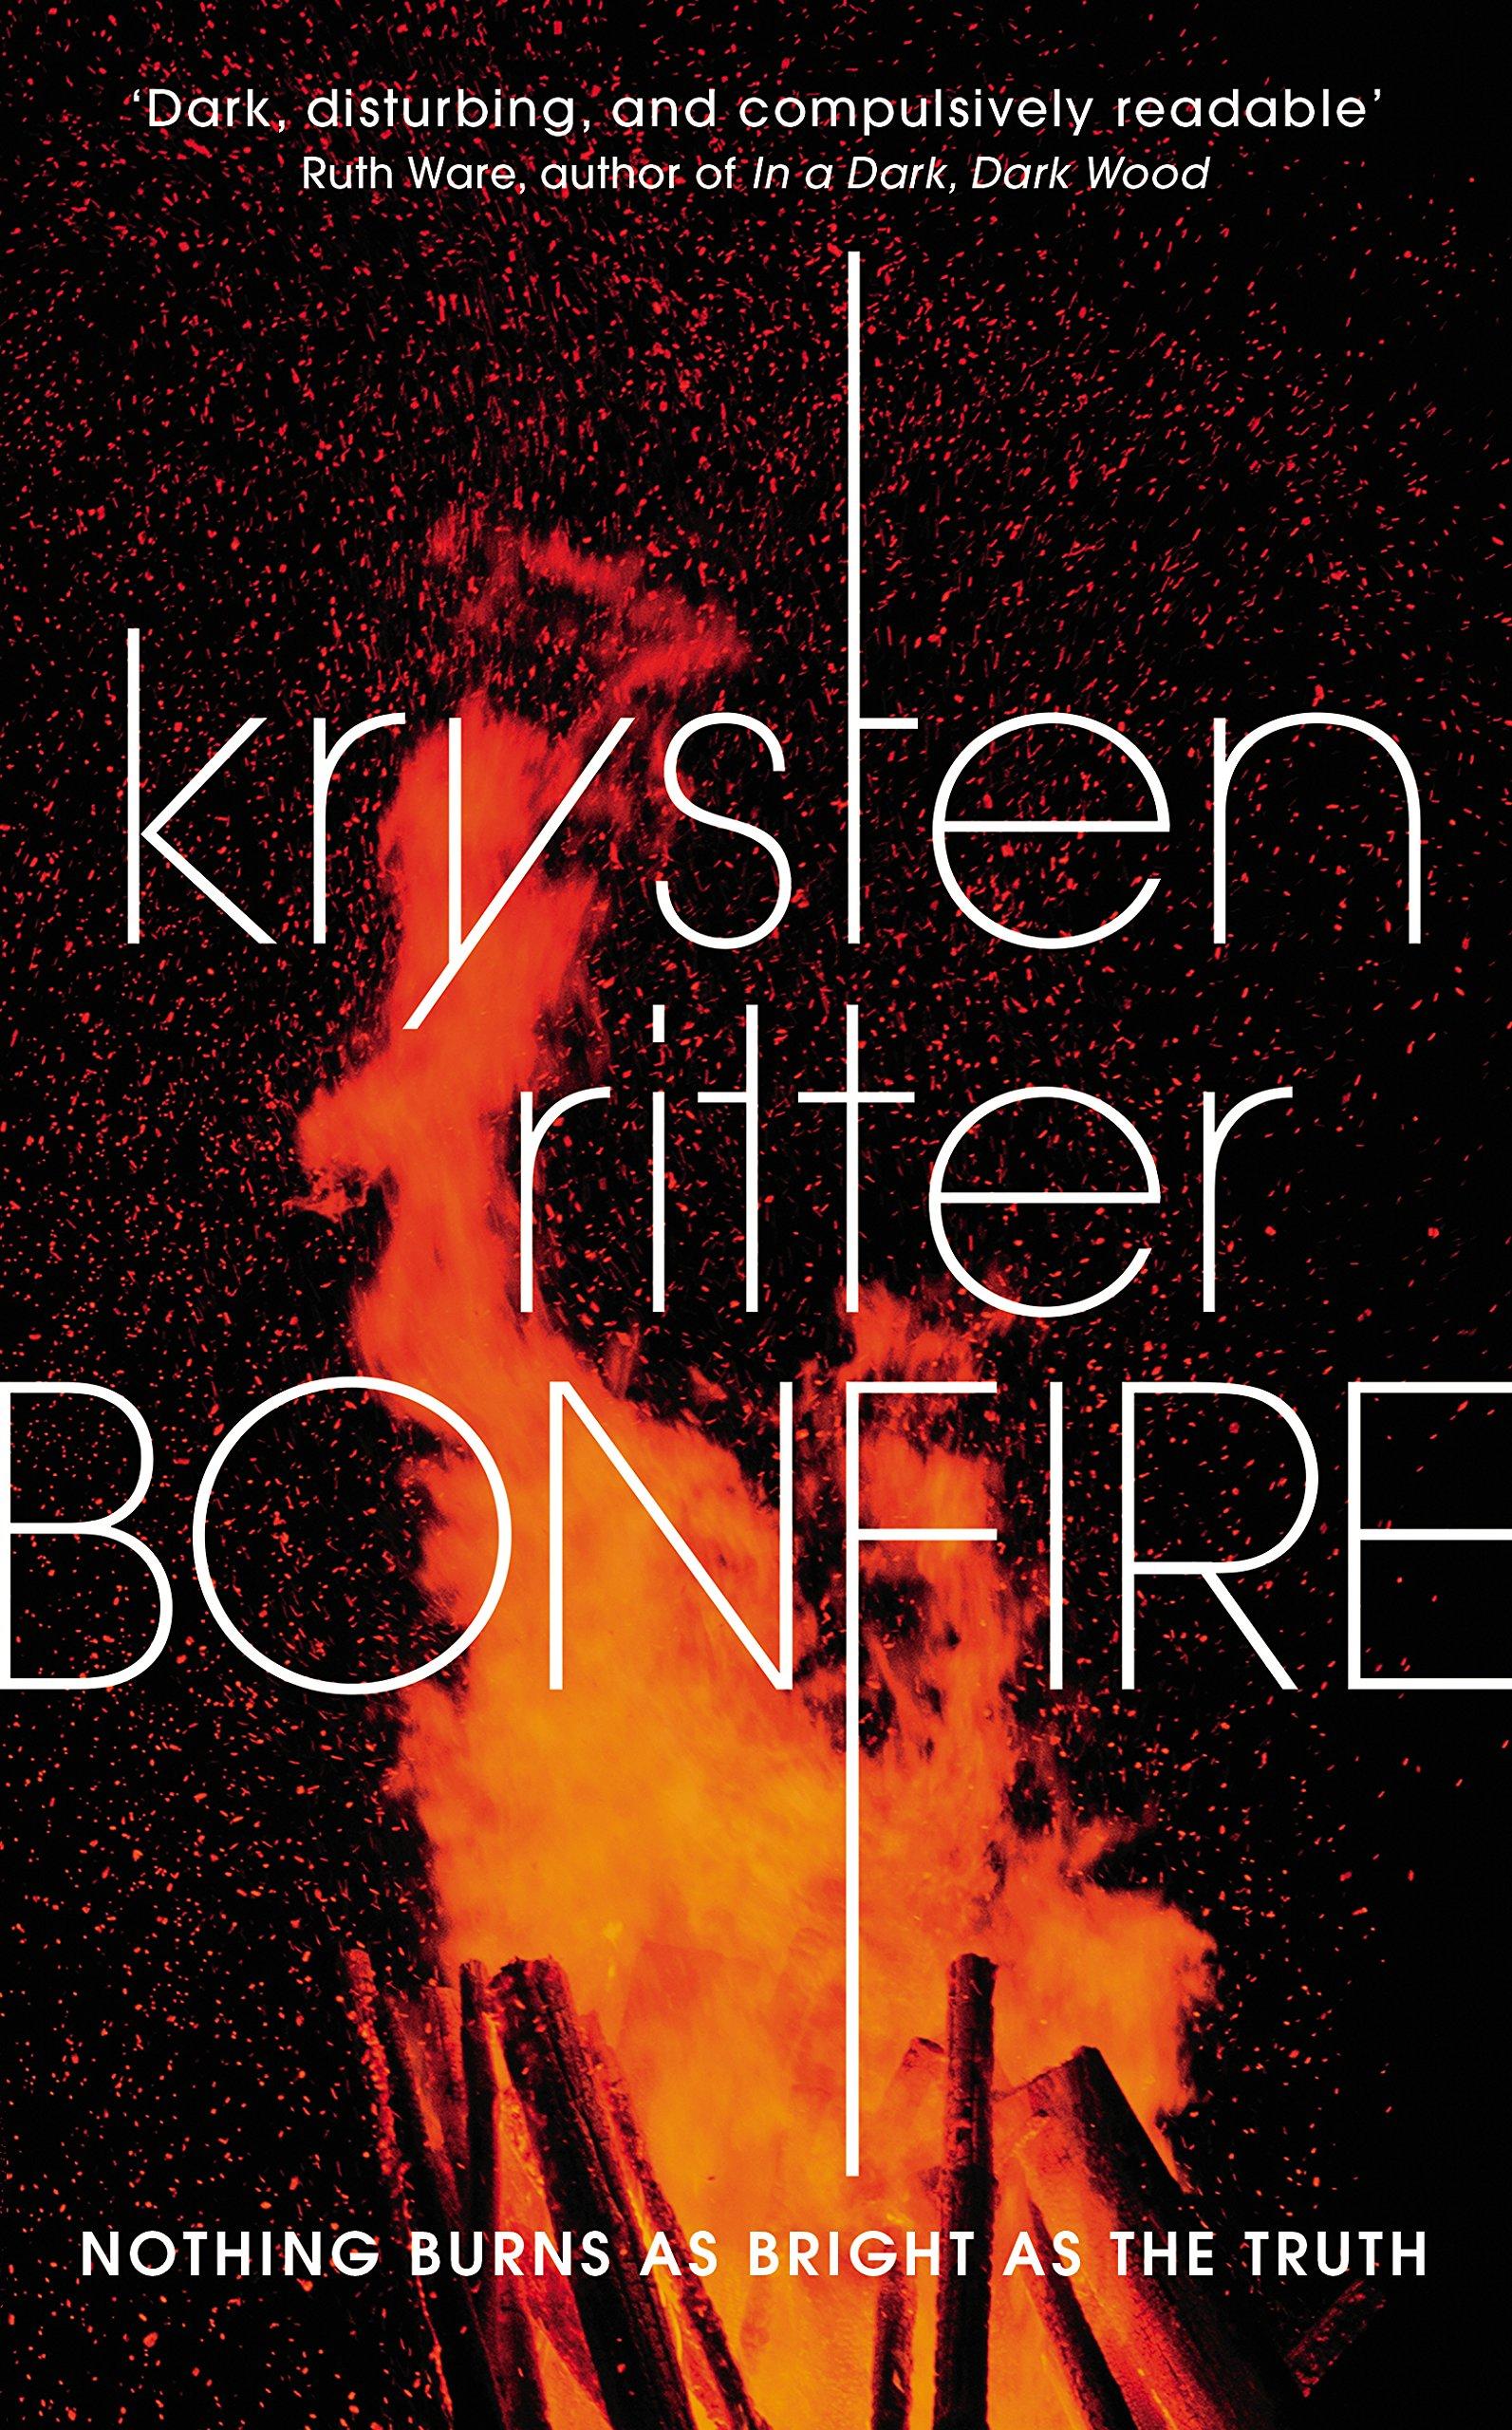 Book cover, Bonfire by Krysten Ritter